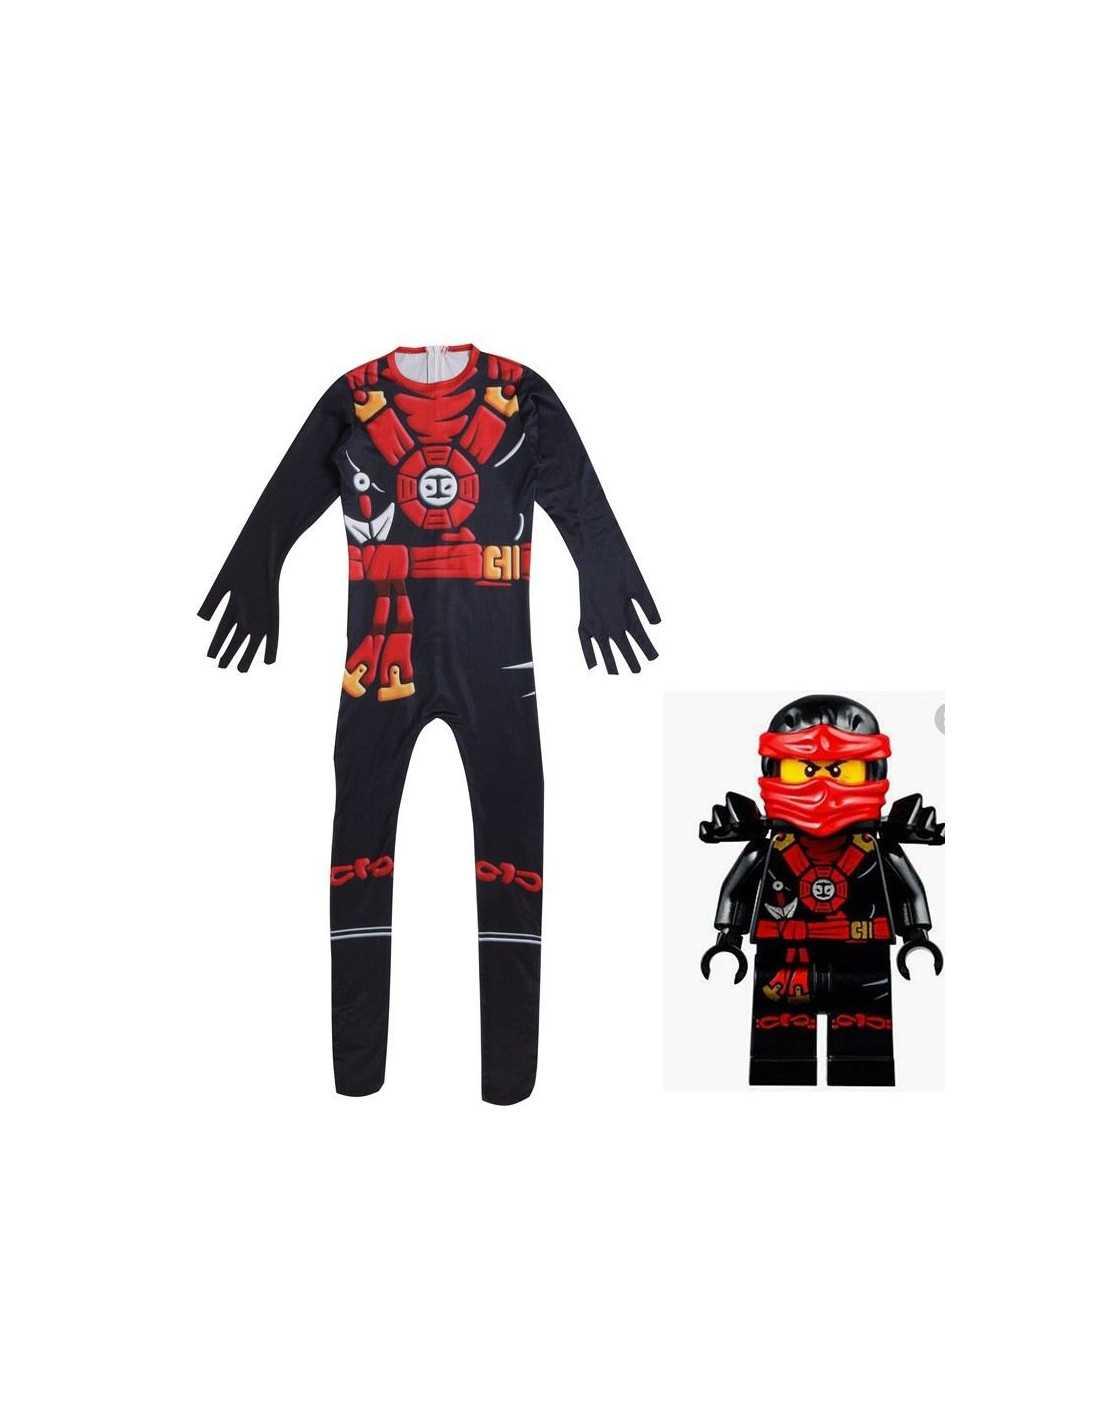 Детский костюм Lego Ninjago Коула (чёрный) комбинезон